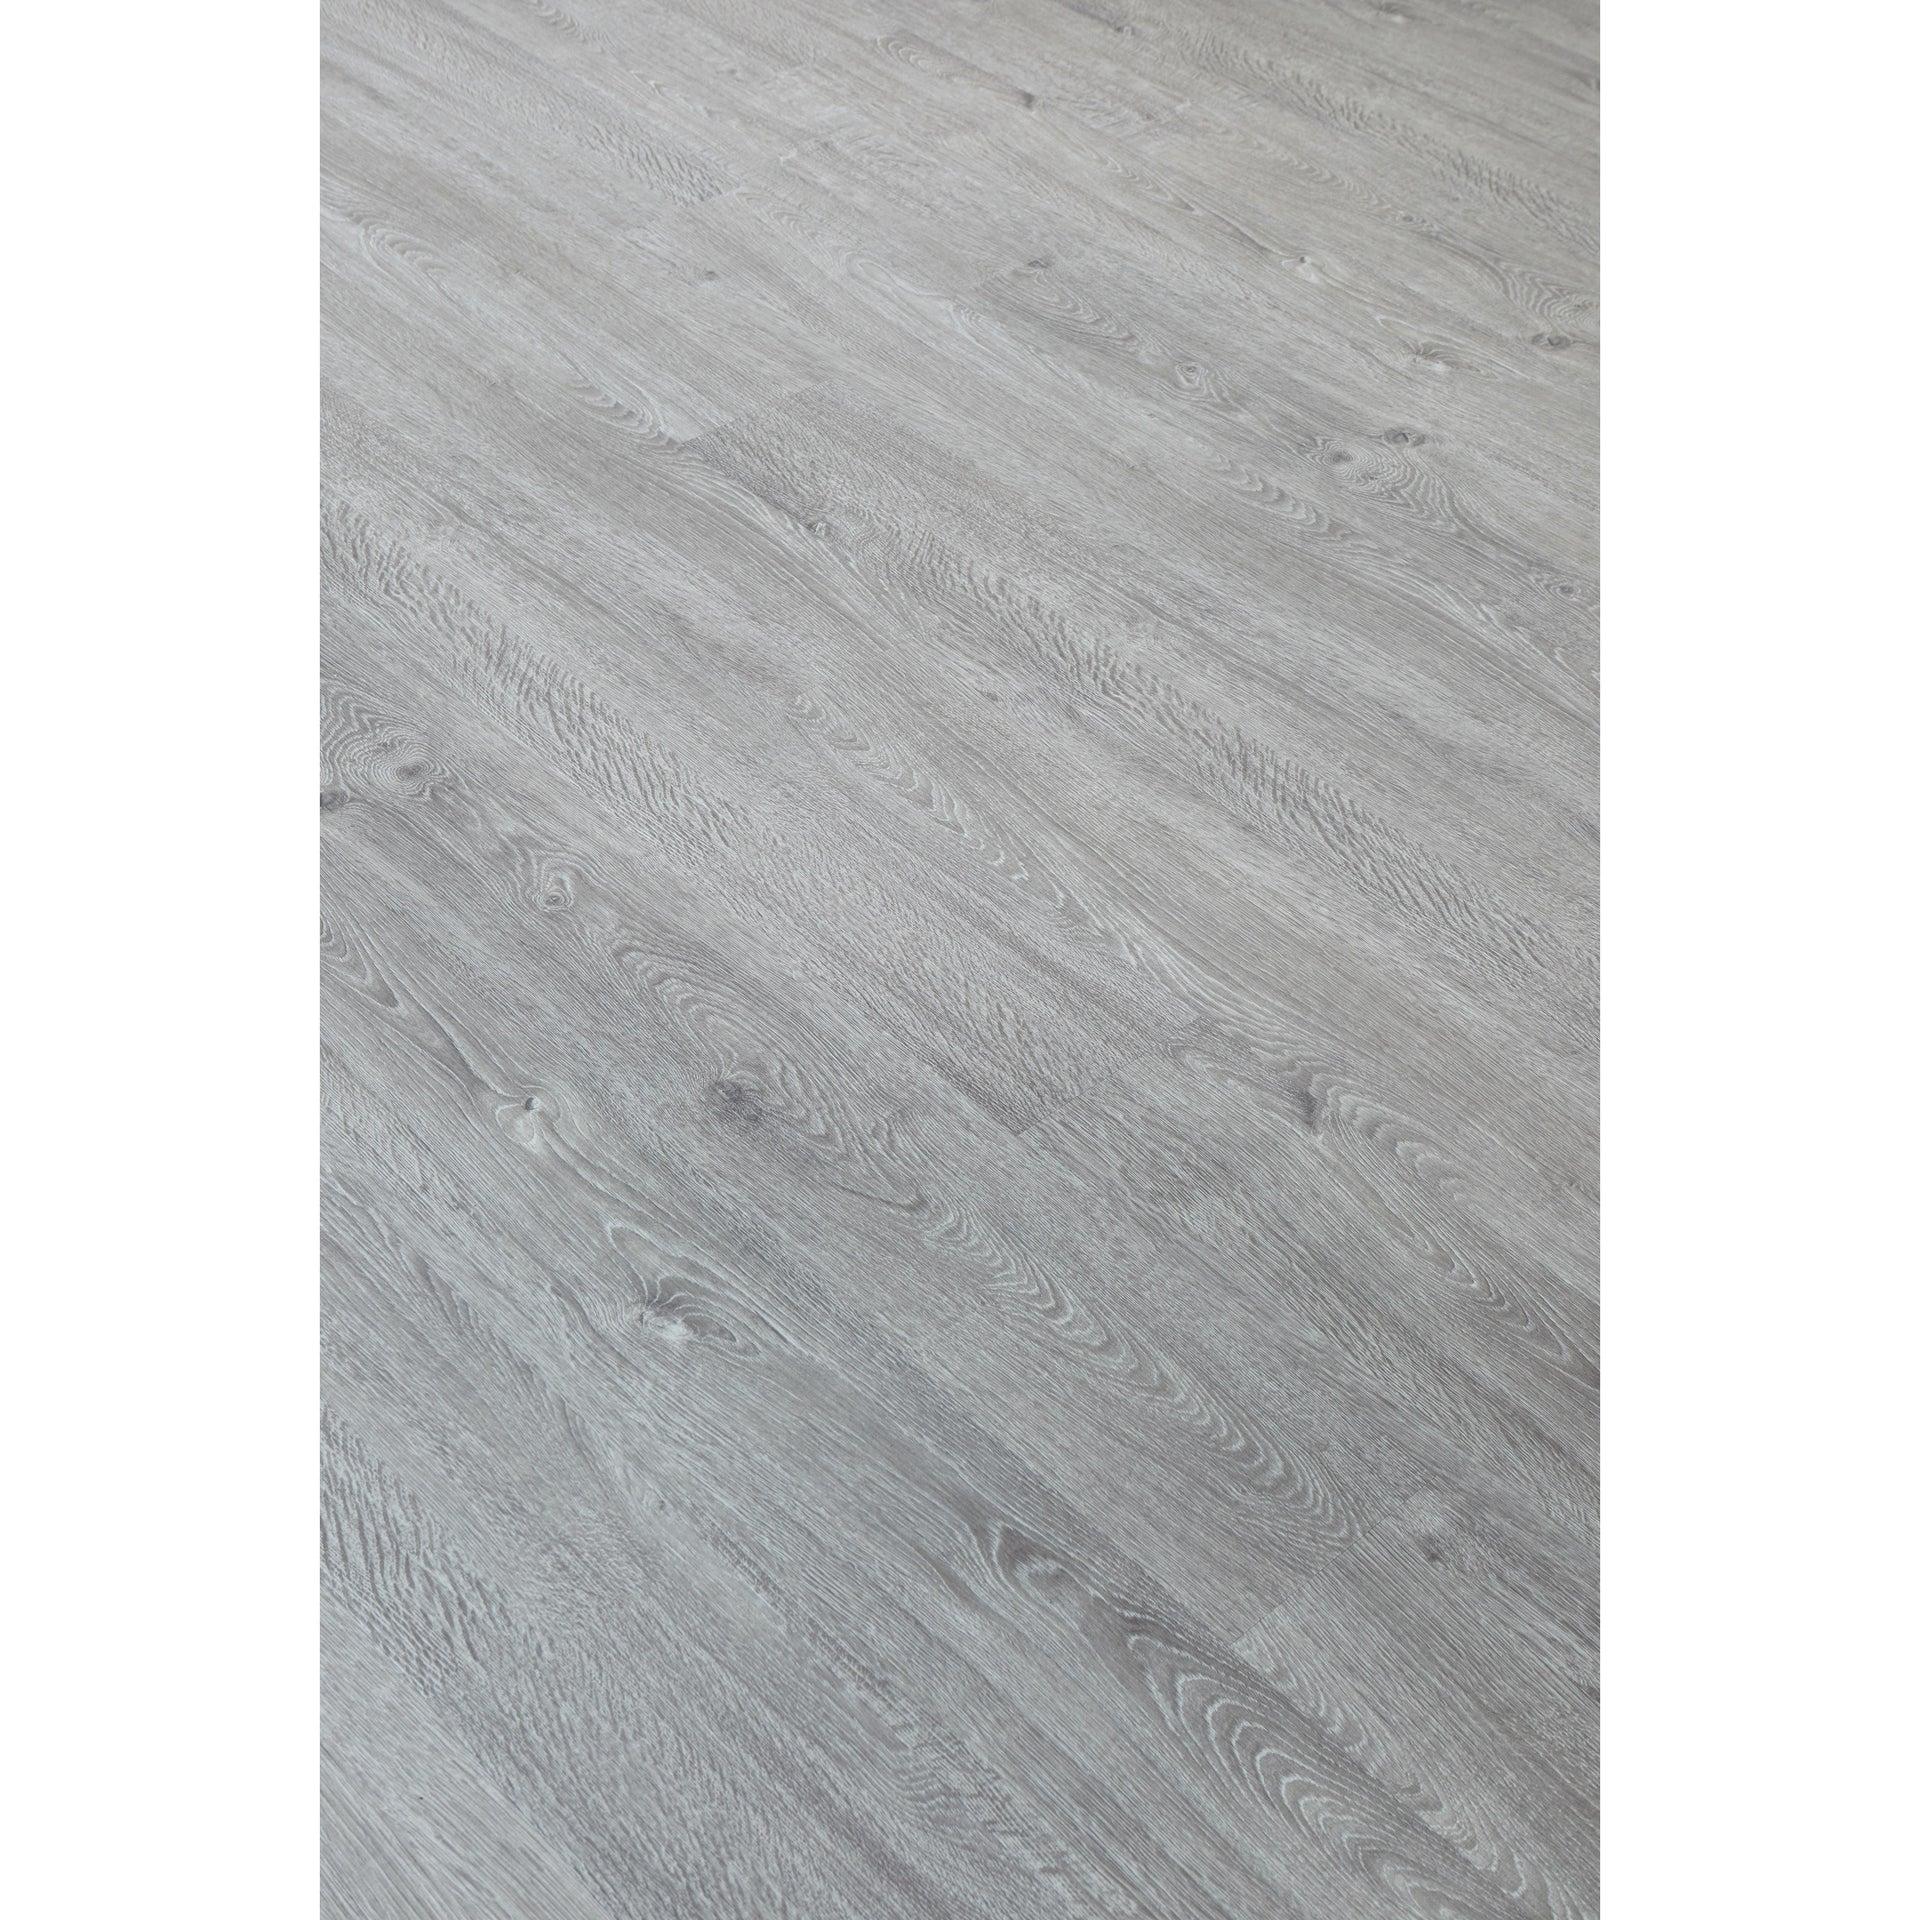 Pavimento SPC flottante clic+ Montana Sp 5 mm grigio / argento - 3